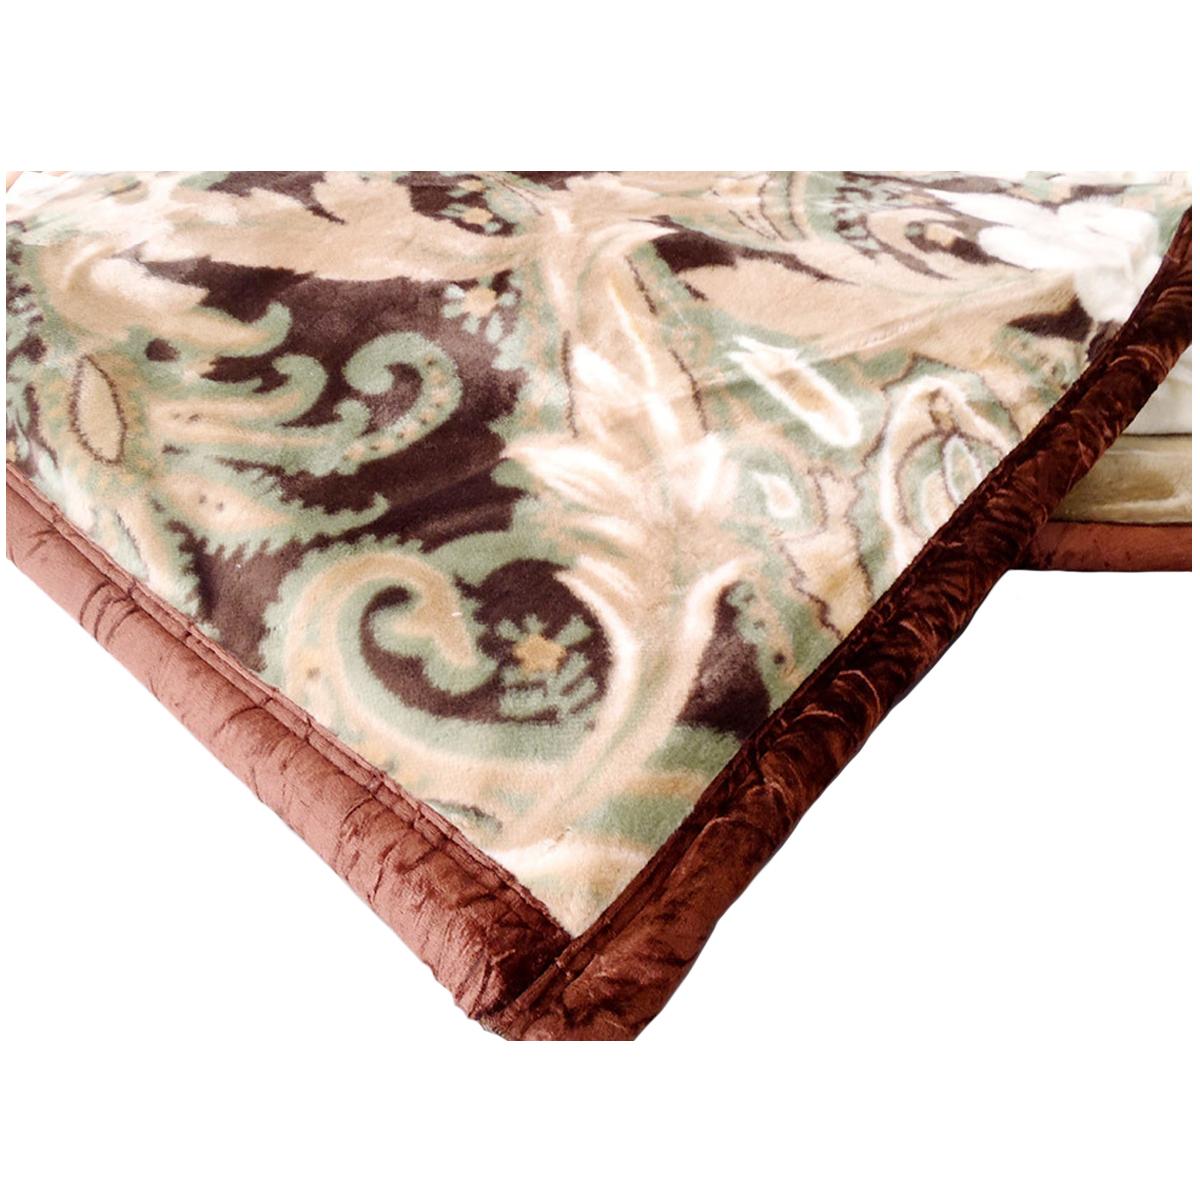 京都西川 ダブル毛布西川 アクリル合わせ ブラウン色 西川ダブル毛布 アクリル毛布 合わせ毛布 日本製 送料無料 ダブルアクリル毛布 厚手